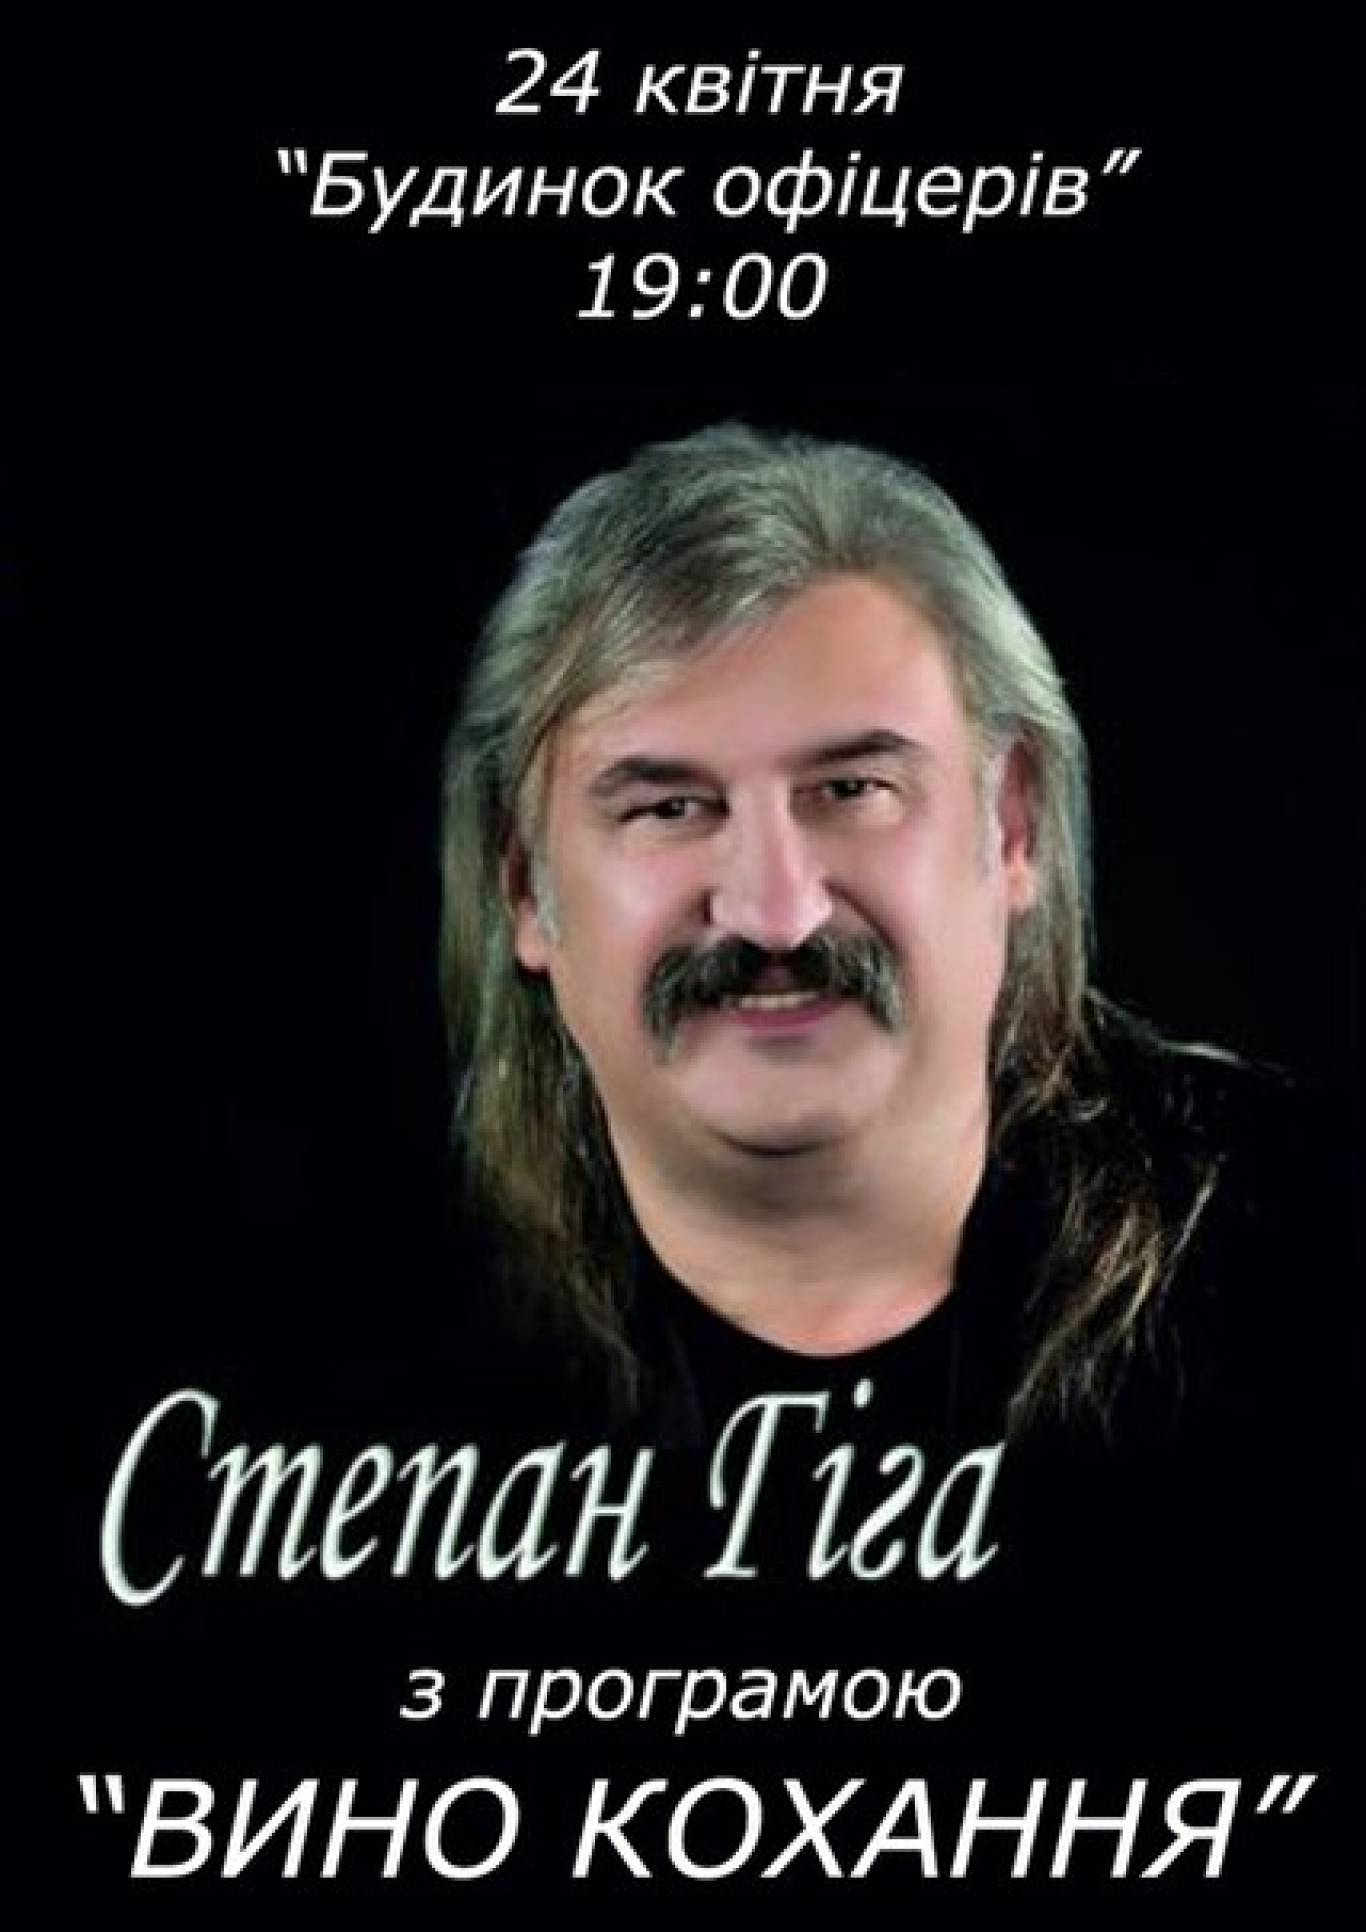 """Степан Гіга з концертною програмою """"Вино кохання"""""""